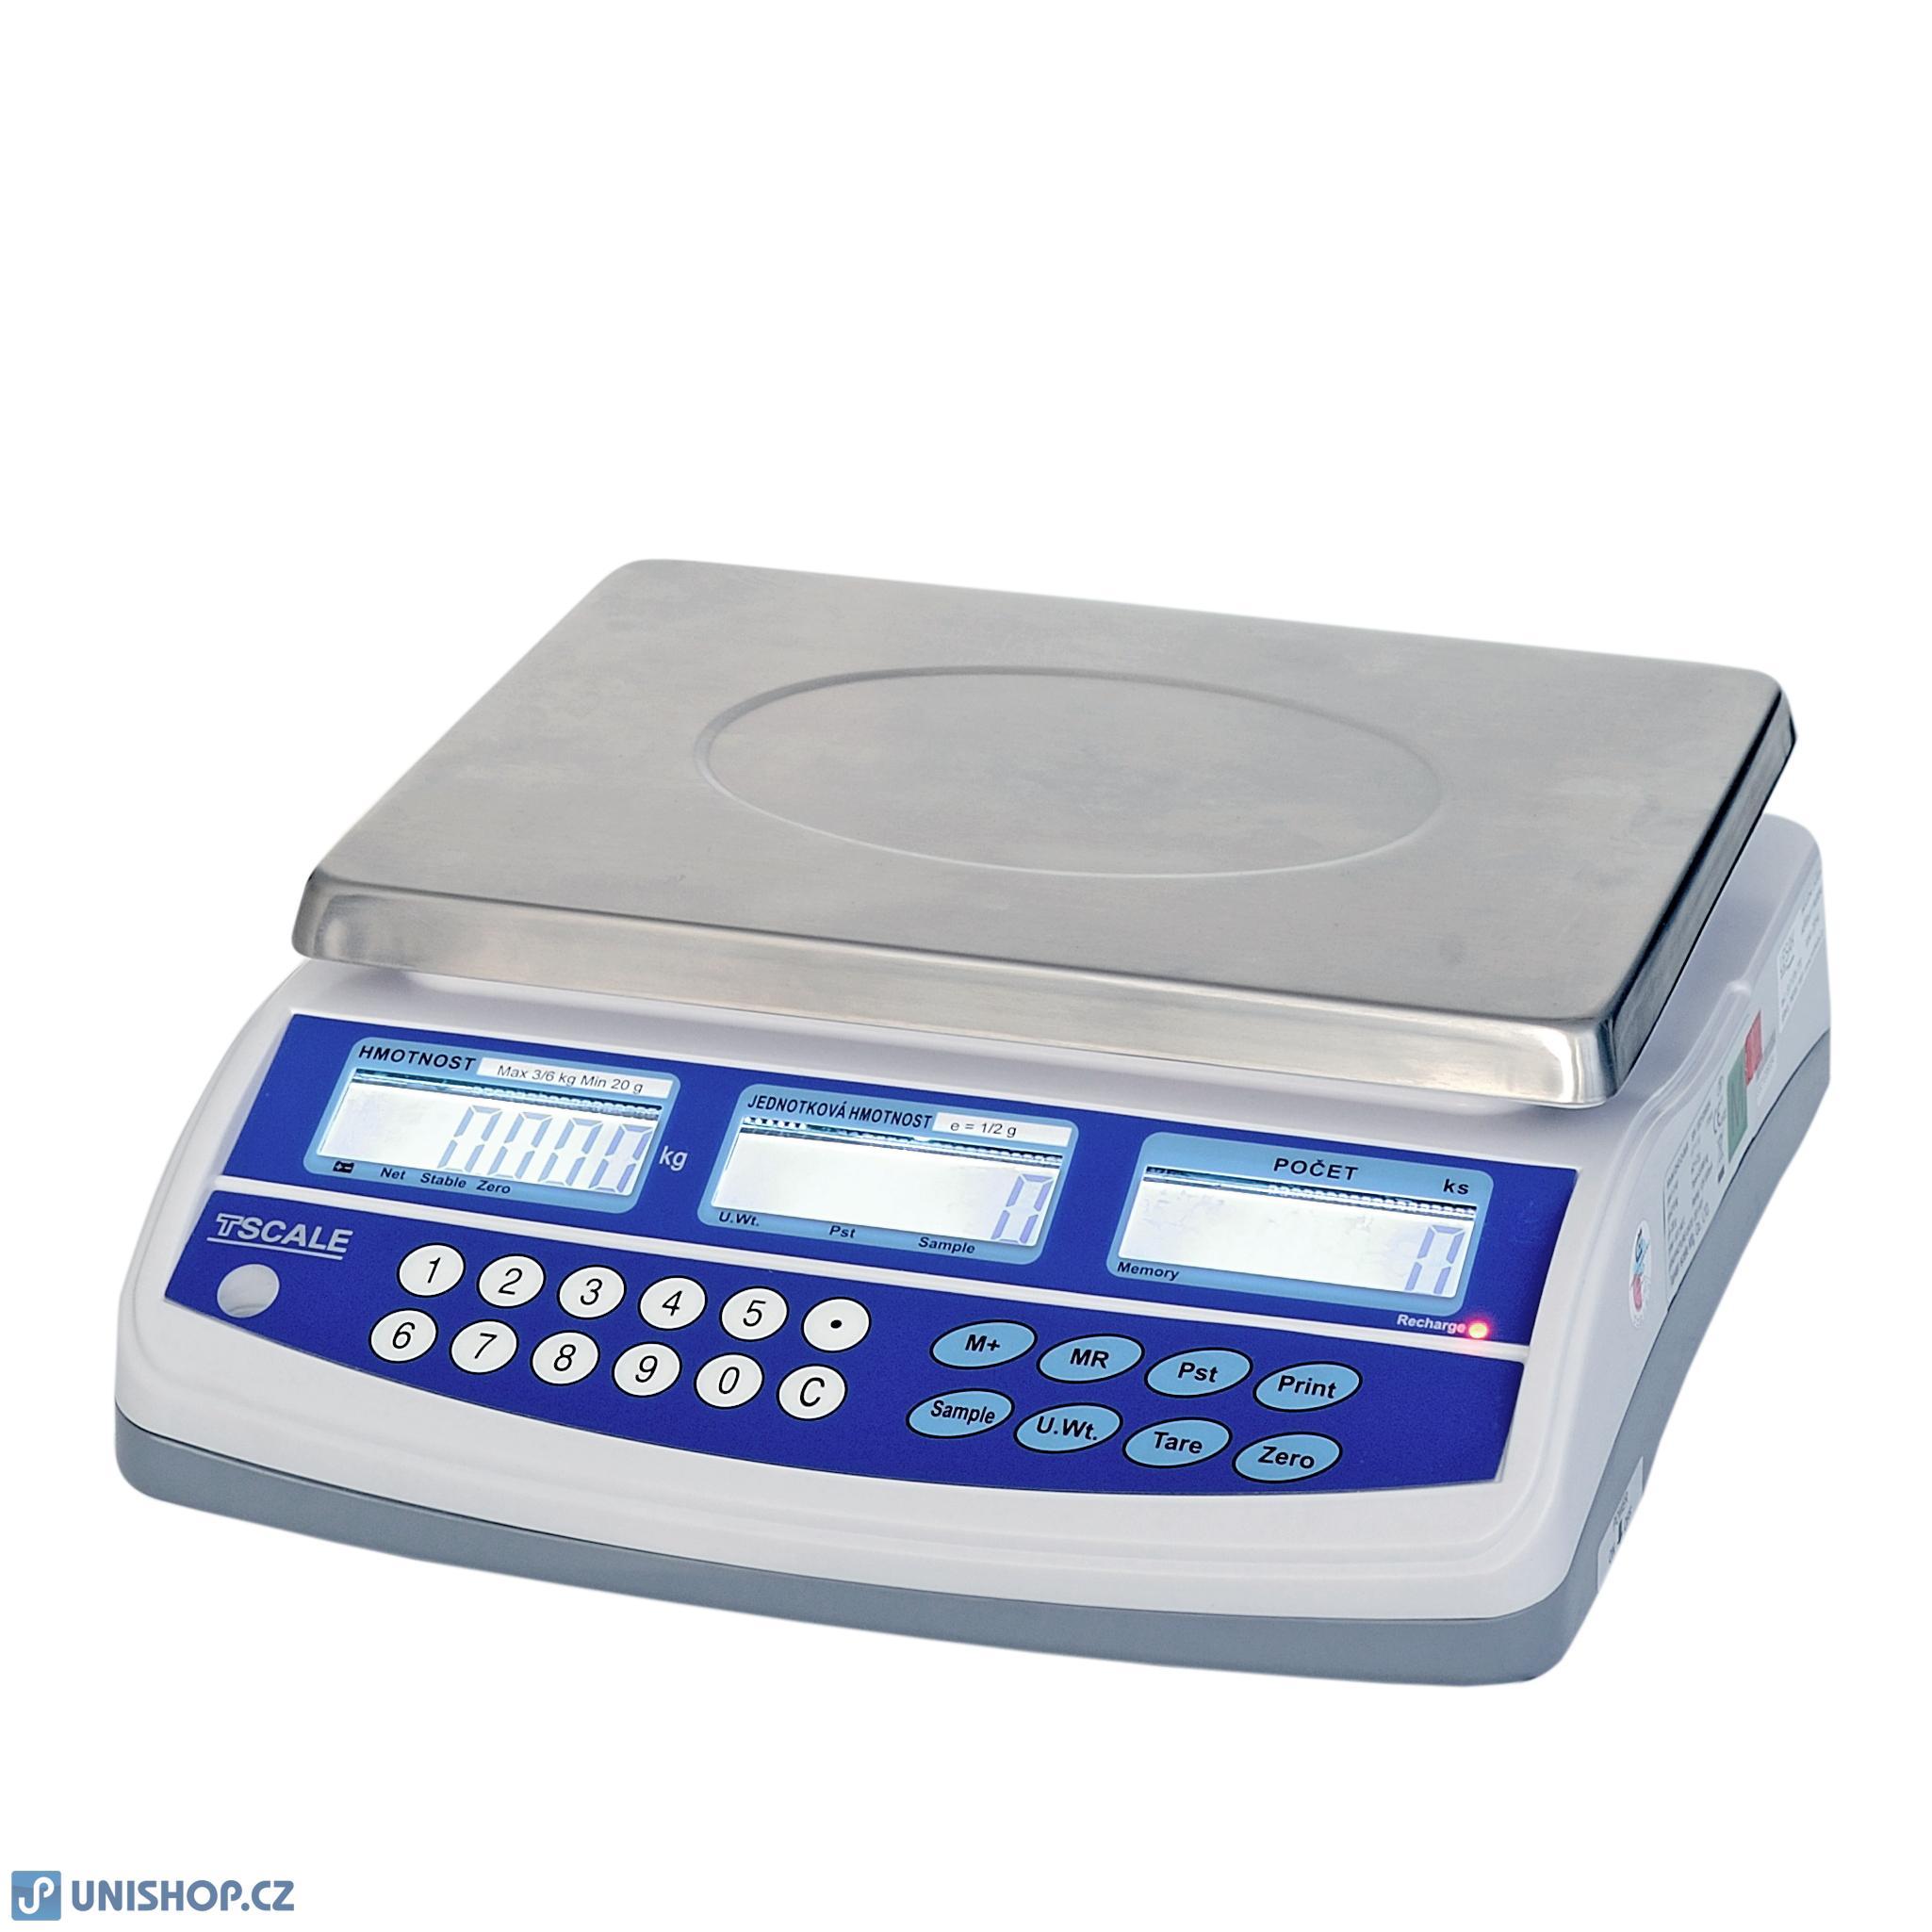 Přesná počítací váha TSQHD 15kg/0,2g, s připojením ex. plošiny